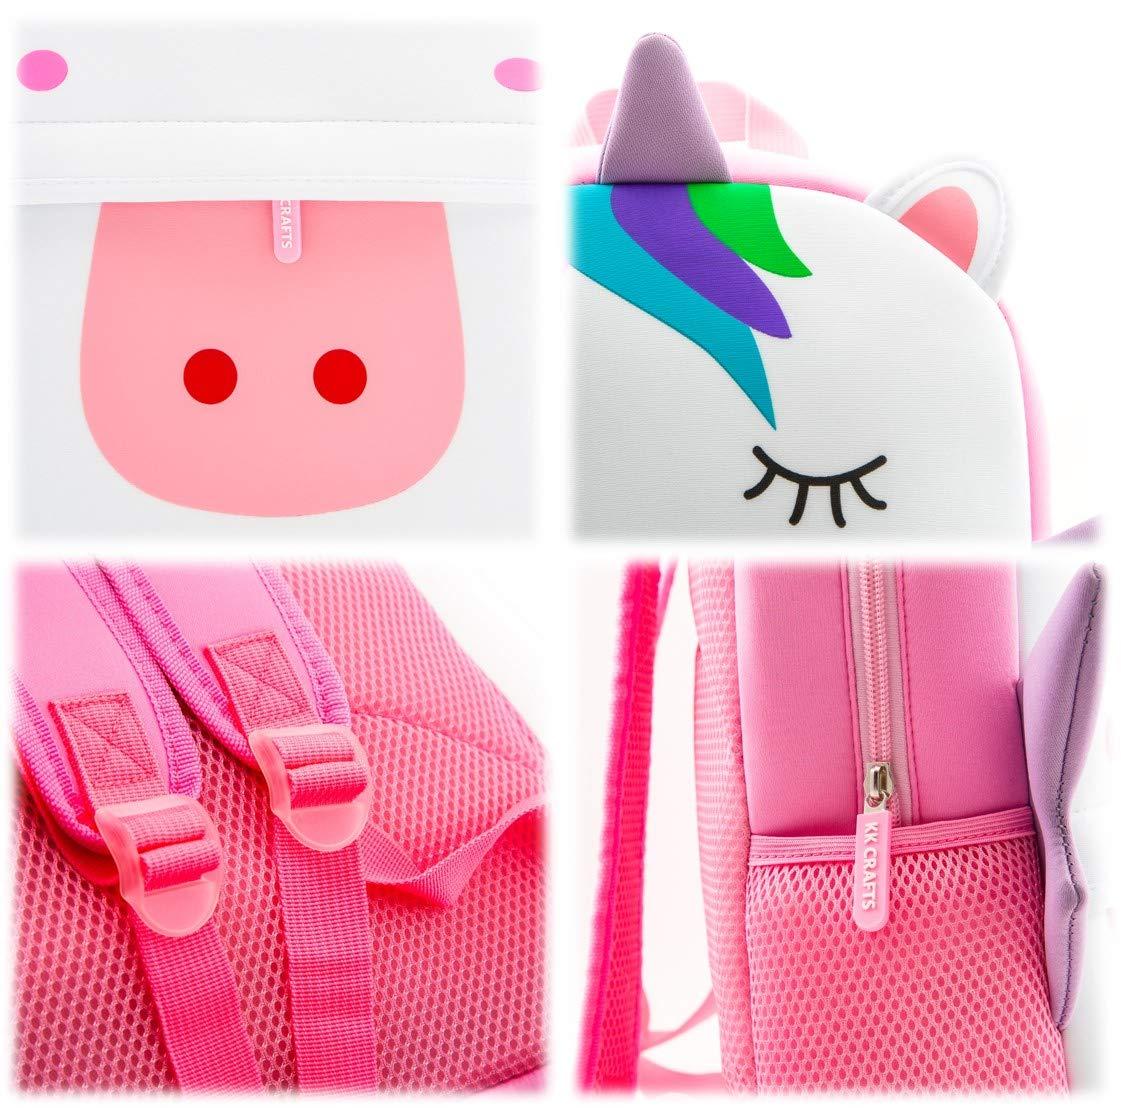 Waterproof Children School Backpack Neoprene Animal Schoolbag for Kids Rabbit Toddler Backpack Lunch Box Carry Bag for Boys Girls